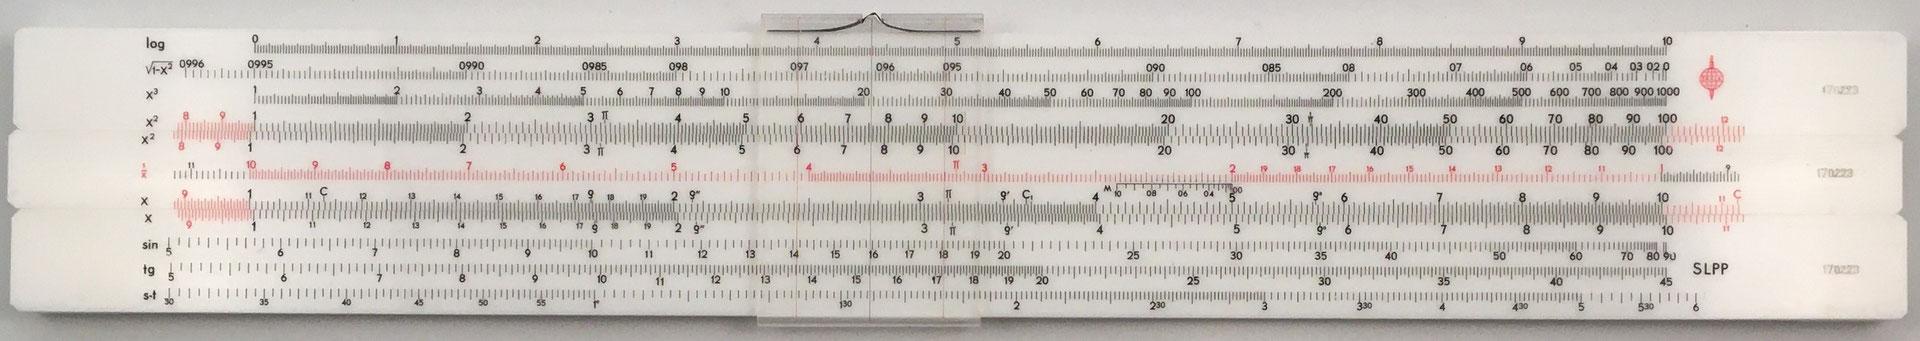 SKALA, 11 escalas,  s/n 170223, 33.5x5 cm